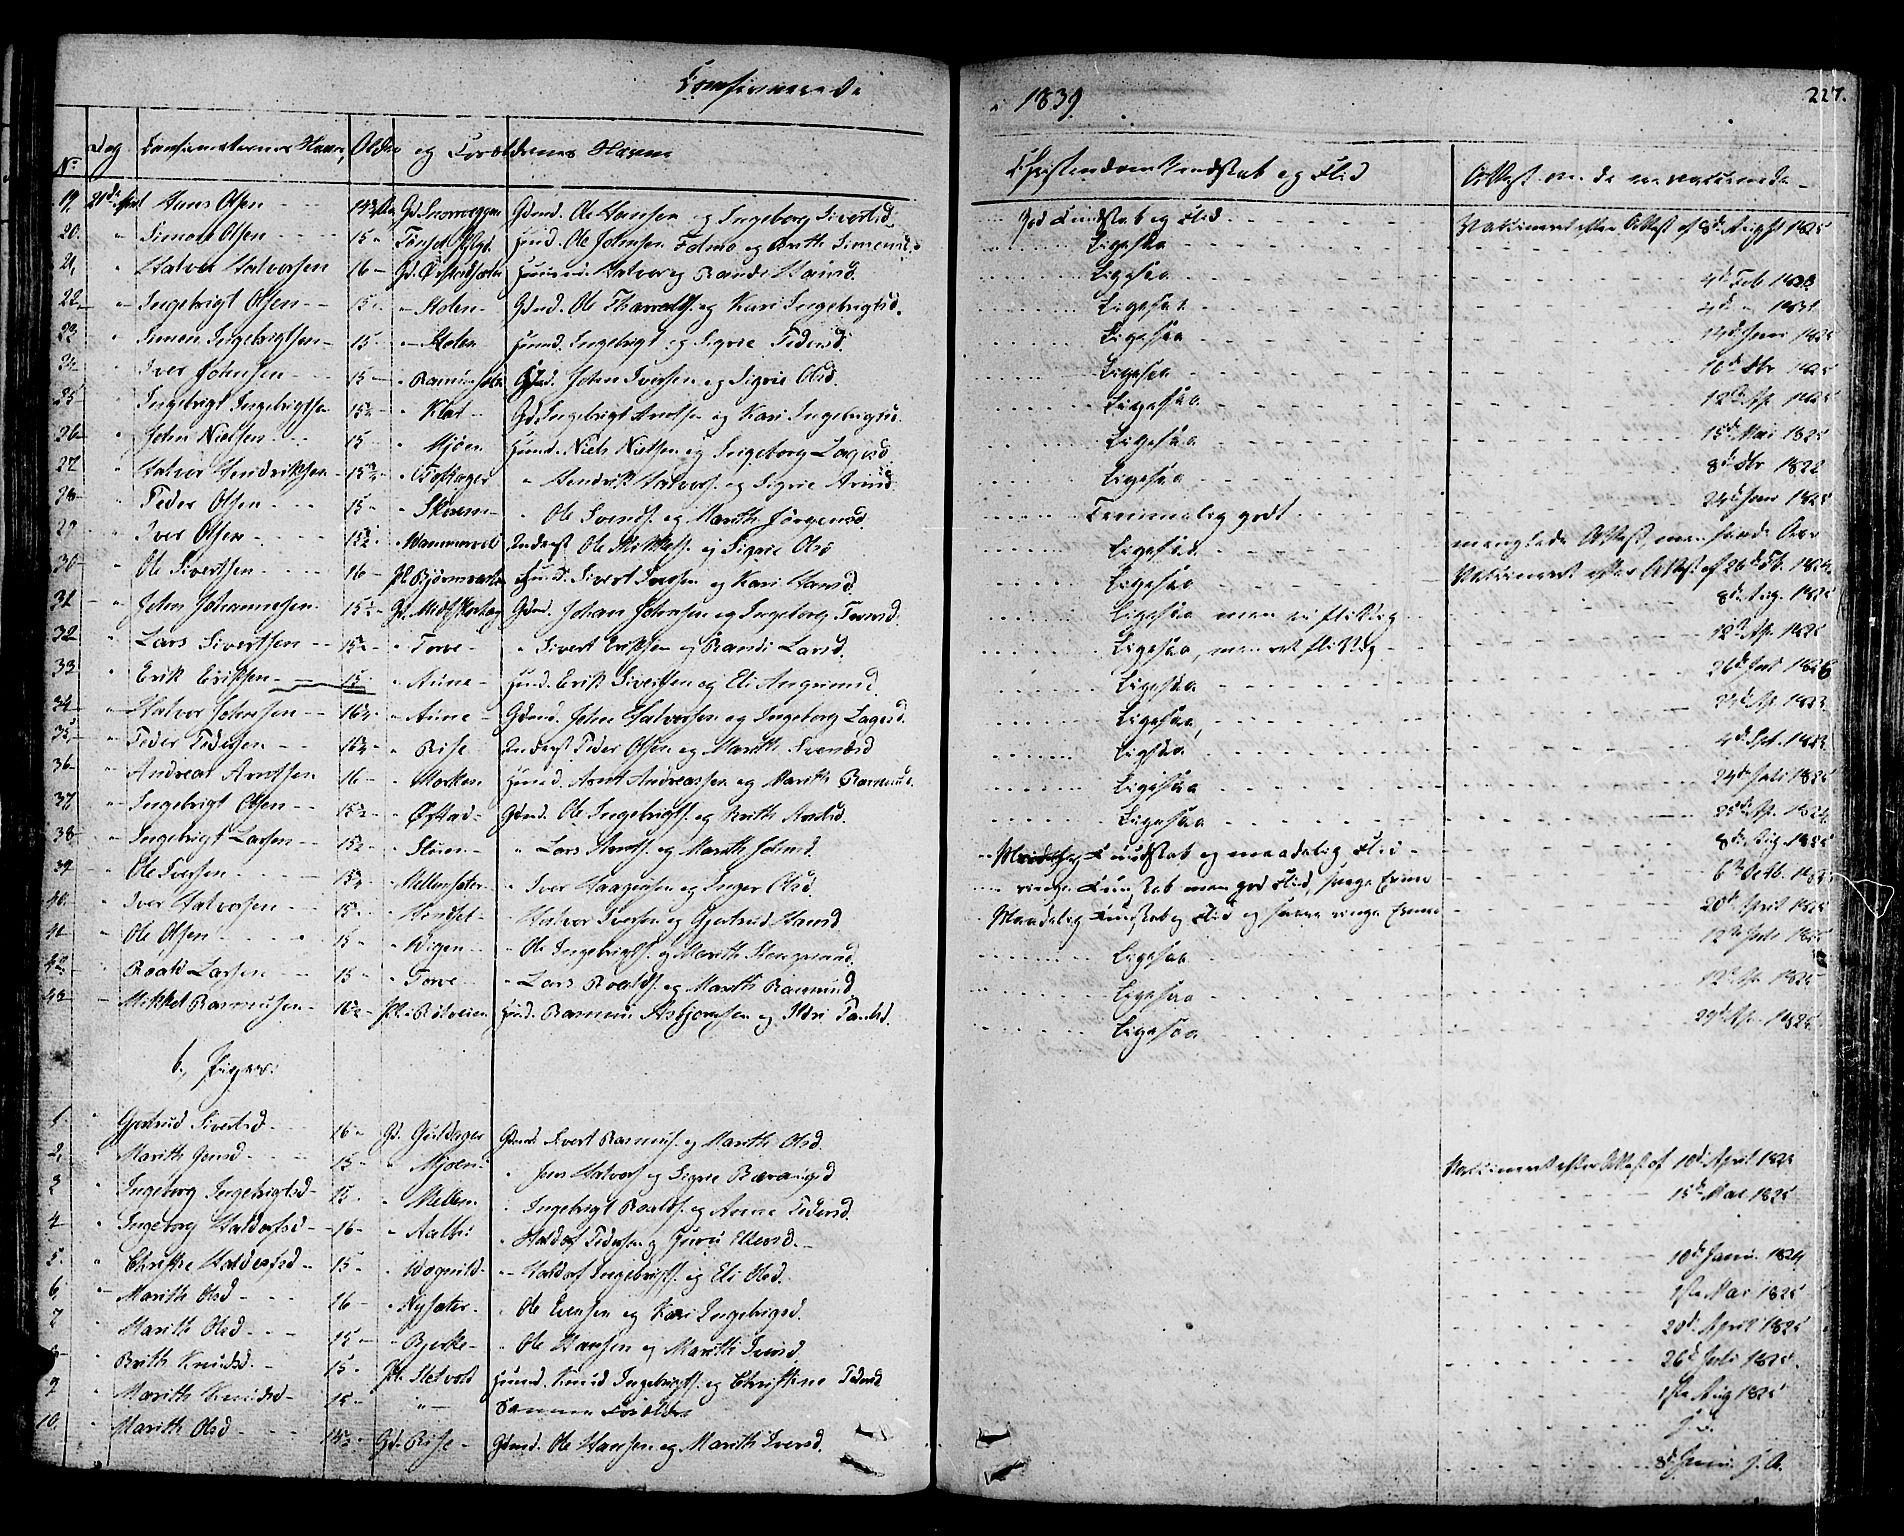 SAT, Ministerialprotokoller, klokkerbøker og fødselsregistre - Sør-Trøndelag, 678/L0897: Ministerialbok nr. 678A06-07, 1821-1847, s. 227